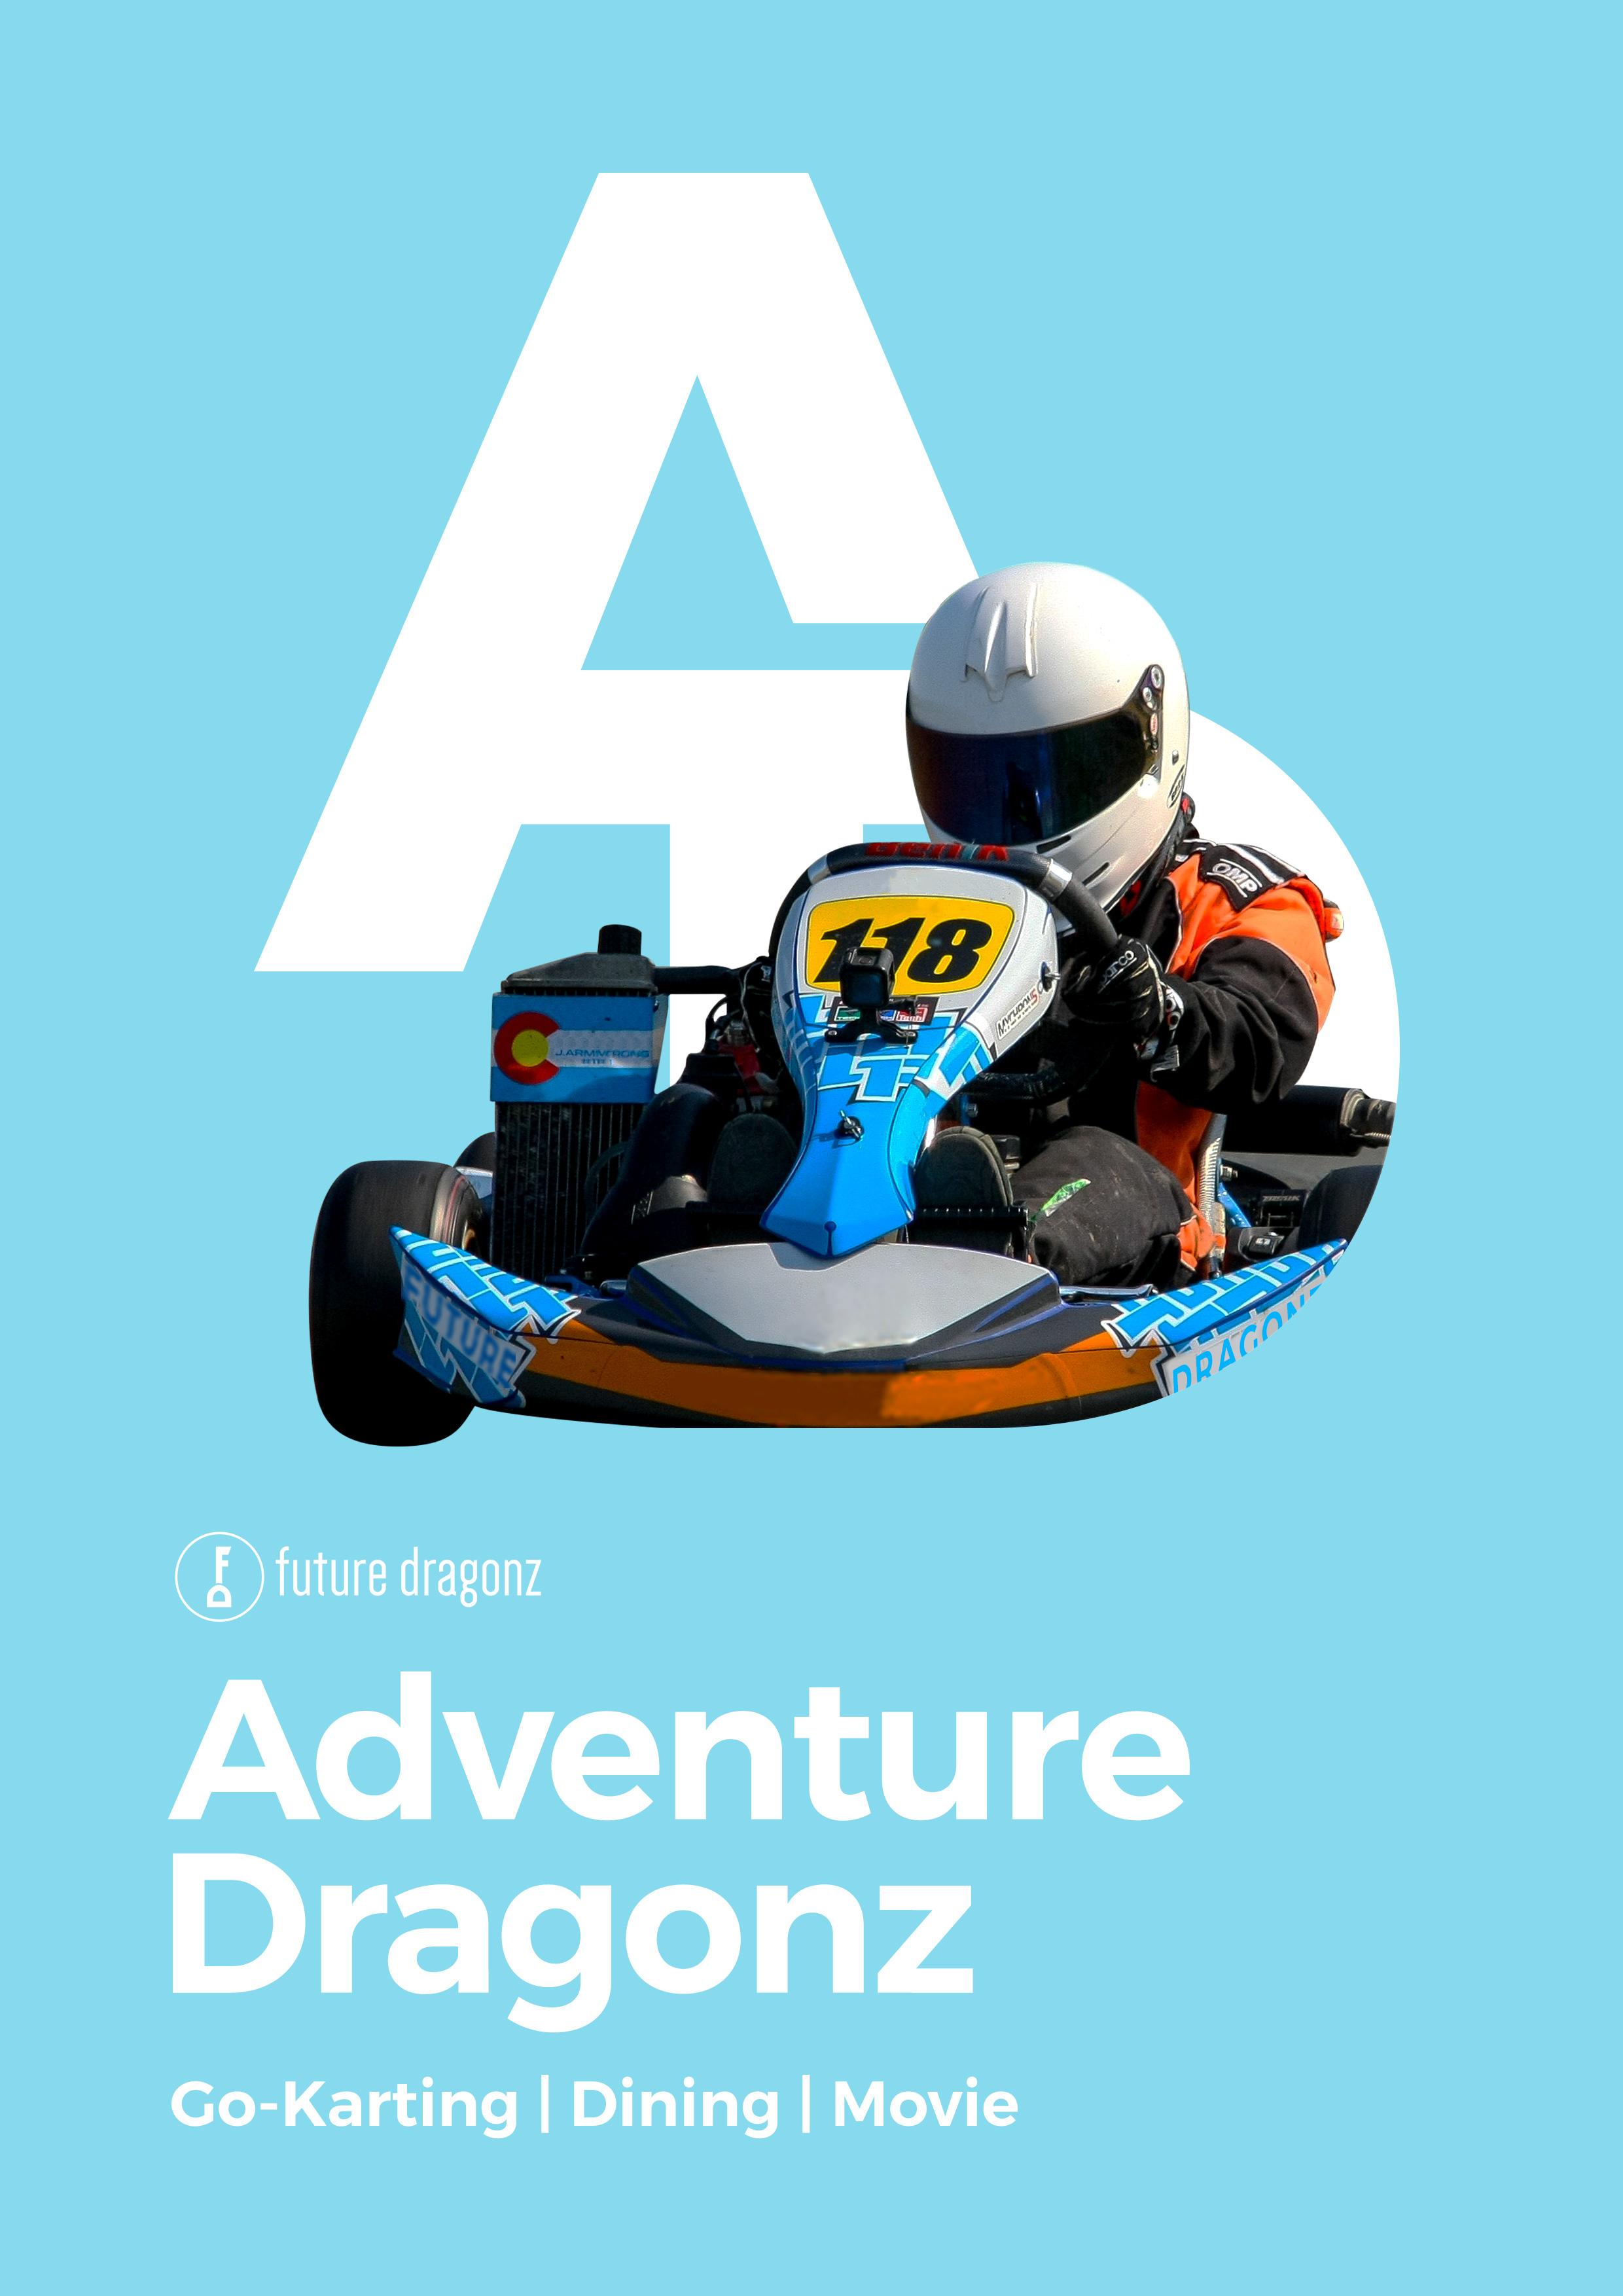 Adventure Dragonz Poster.jpg